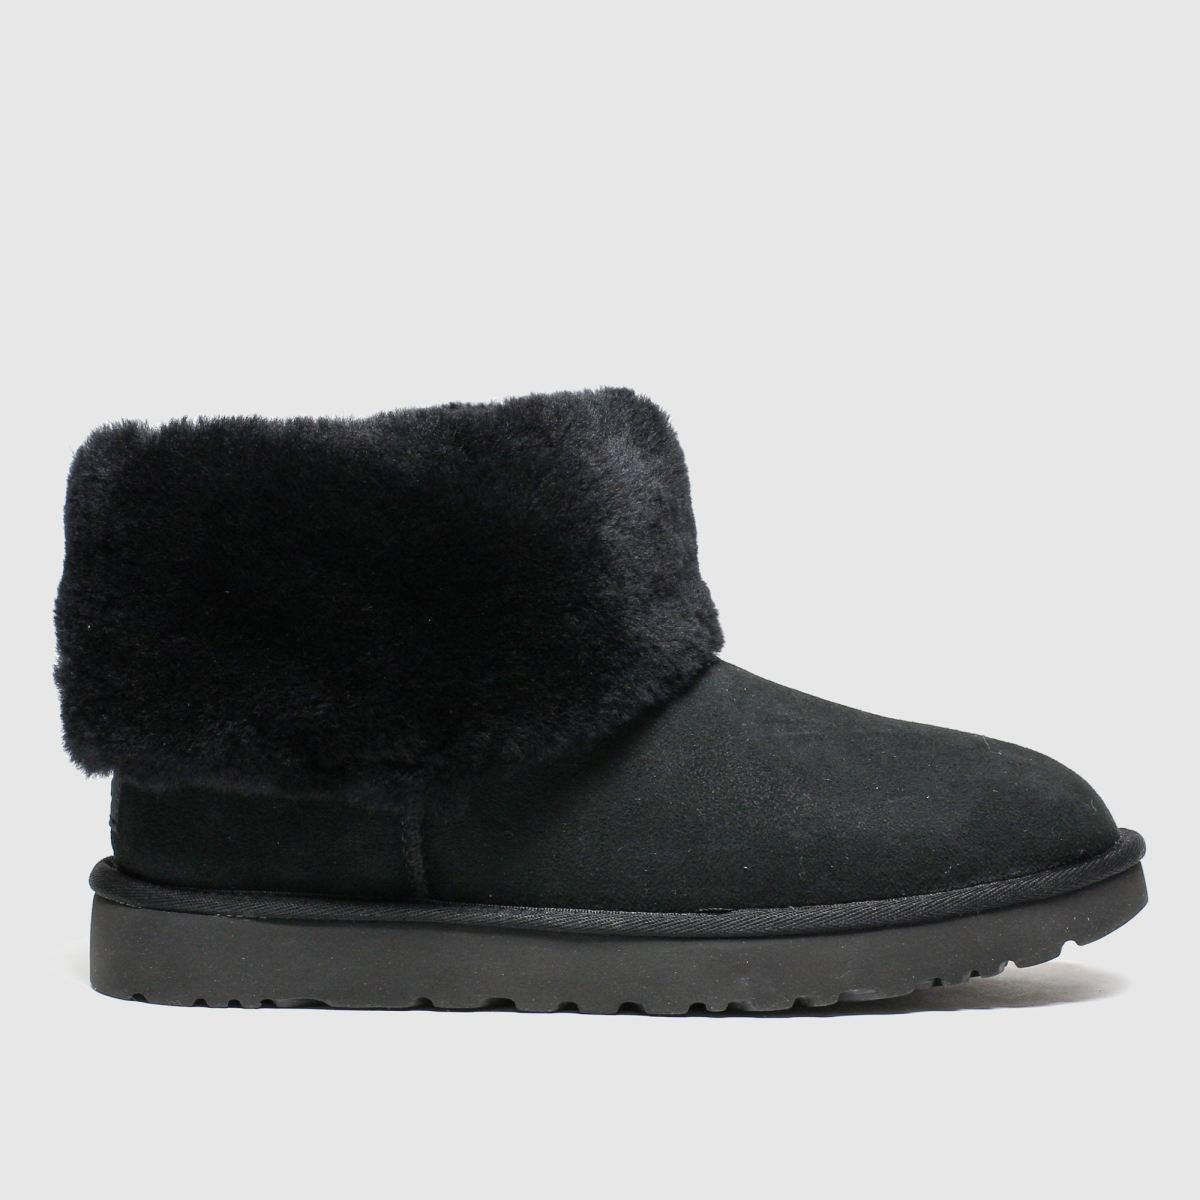 Ugg Black Classic Mini Fluff Boots